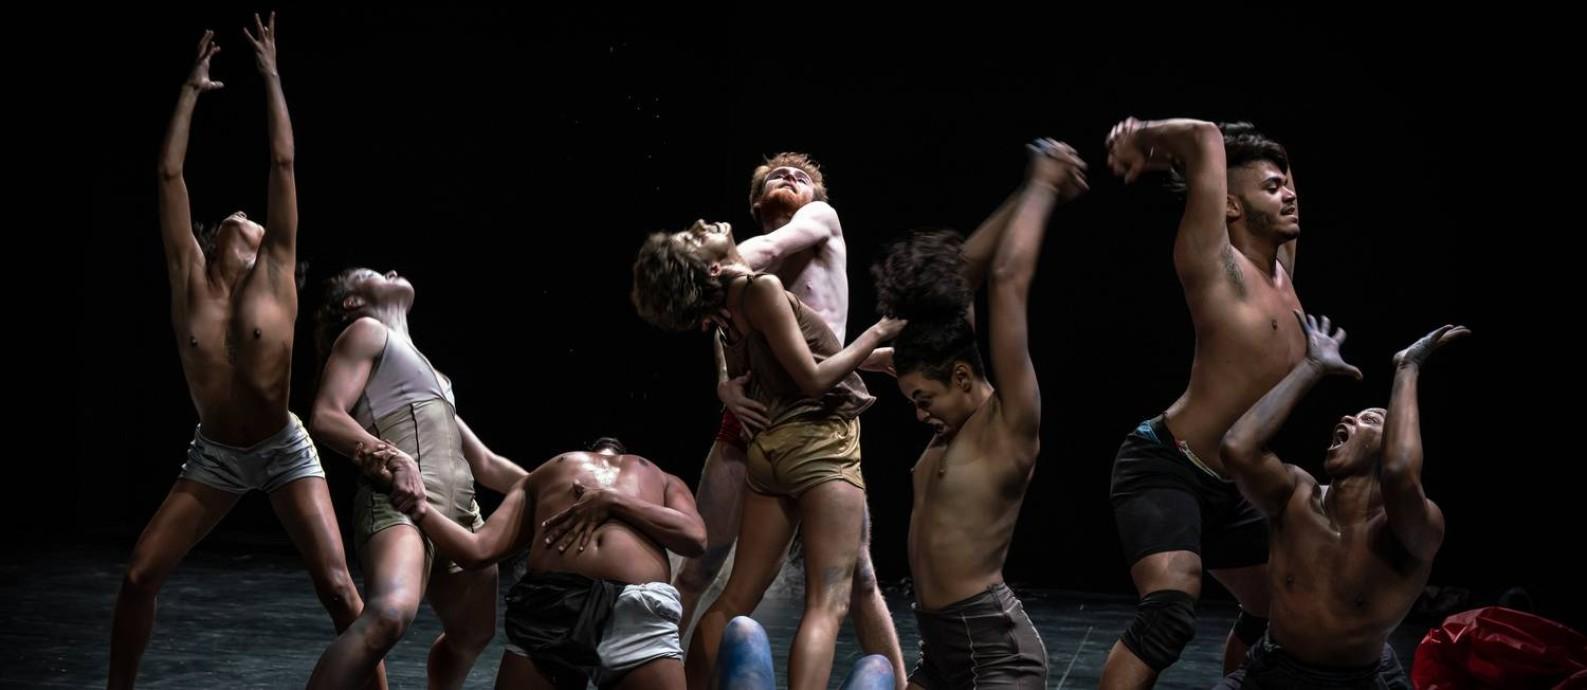 'Fúria' será apresentado nesta quinta e sexta em Curitiba e, em julho, no Rio Foto: Sammi Landweer / Divulgação